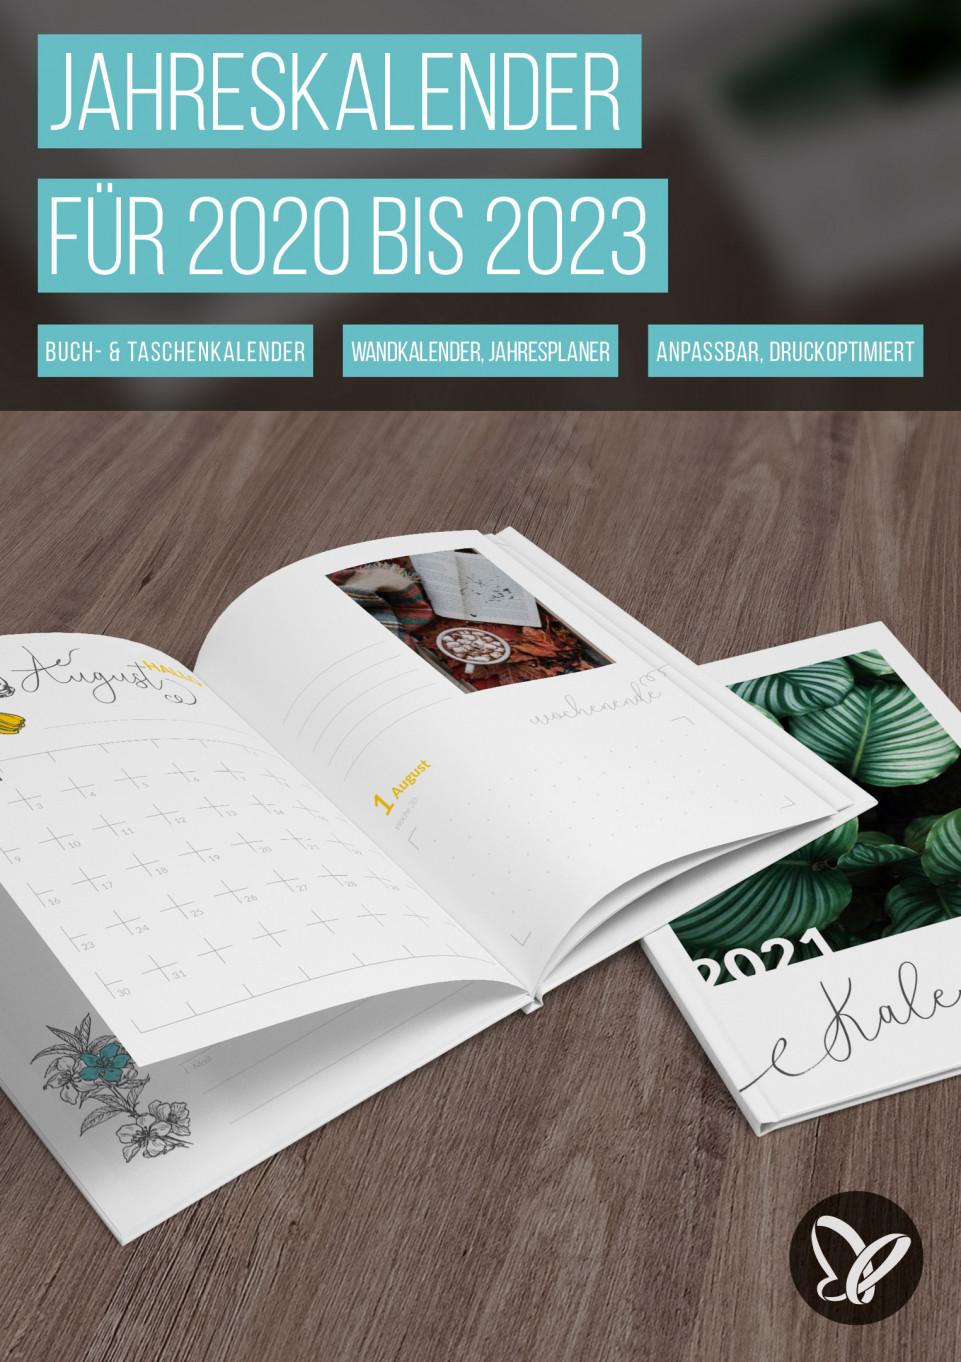 Jahreskalender 2020/2021 bis 2023 zum Ausdrucken